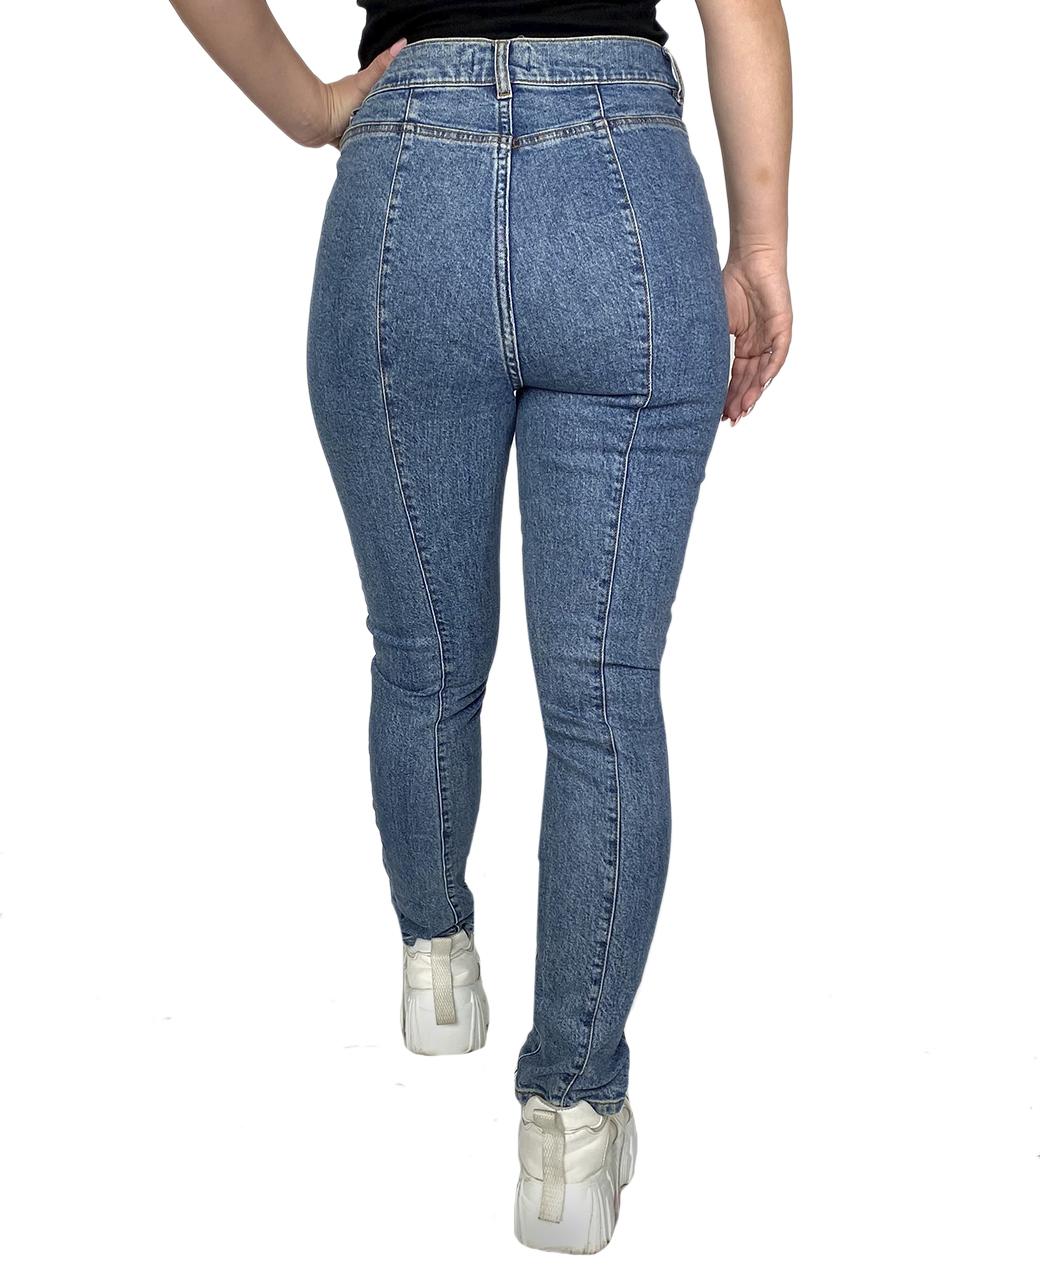 Женские джинсы со шнуровкой от Los Angeles Atelier (США)